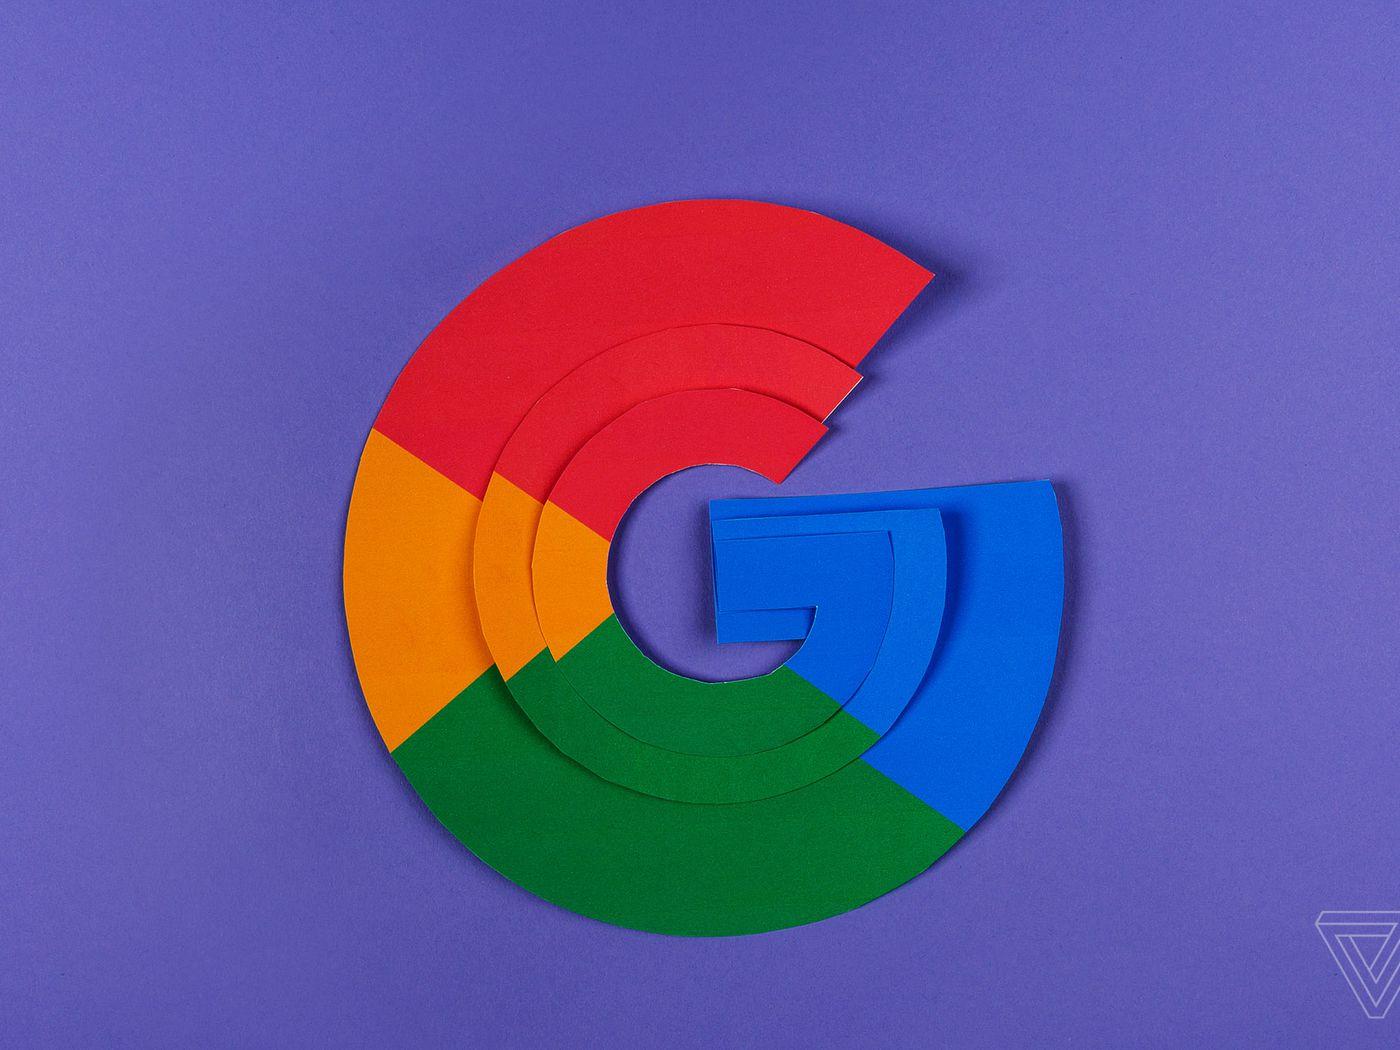 O extensie pentru Google Chrome fura Bitcoin de la utilizatori